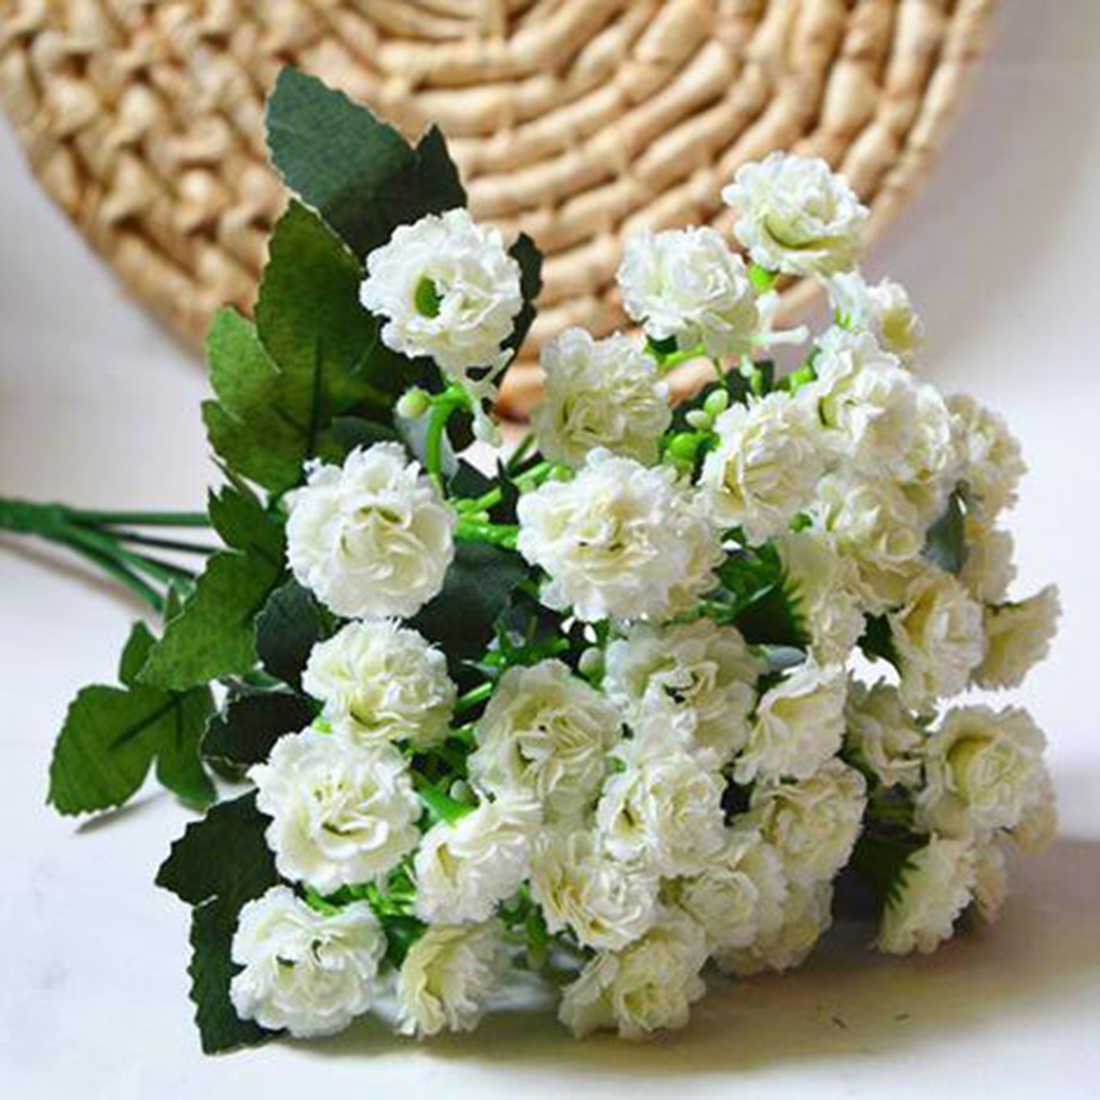 Mode Künstliche Seide Blumen Nelke 30 Knospen Blumen 6 Zweige 1 Bouquet Mutter Lila Blume Handwerk Für Hochzeit Home Party